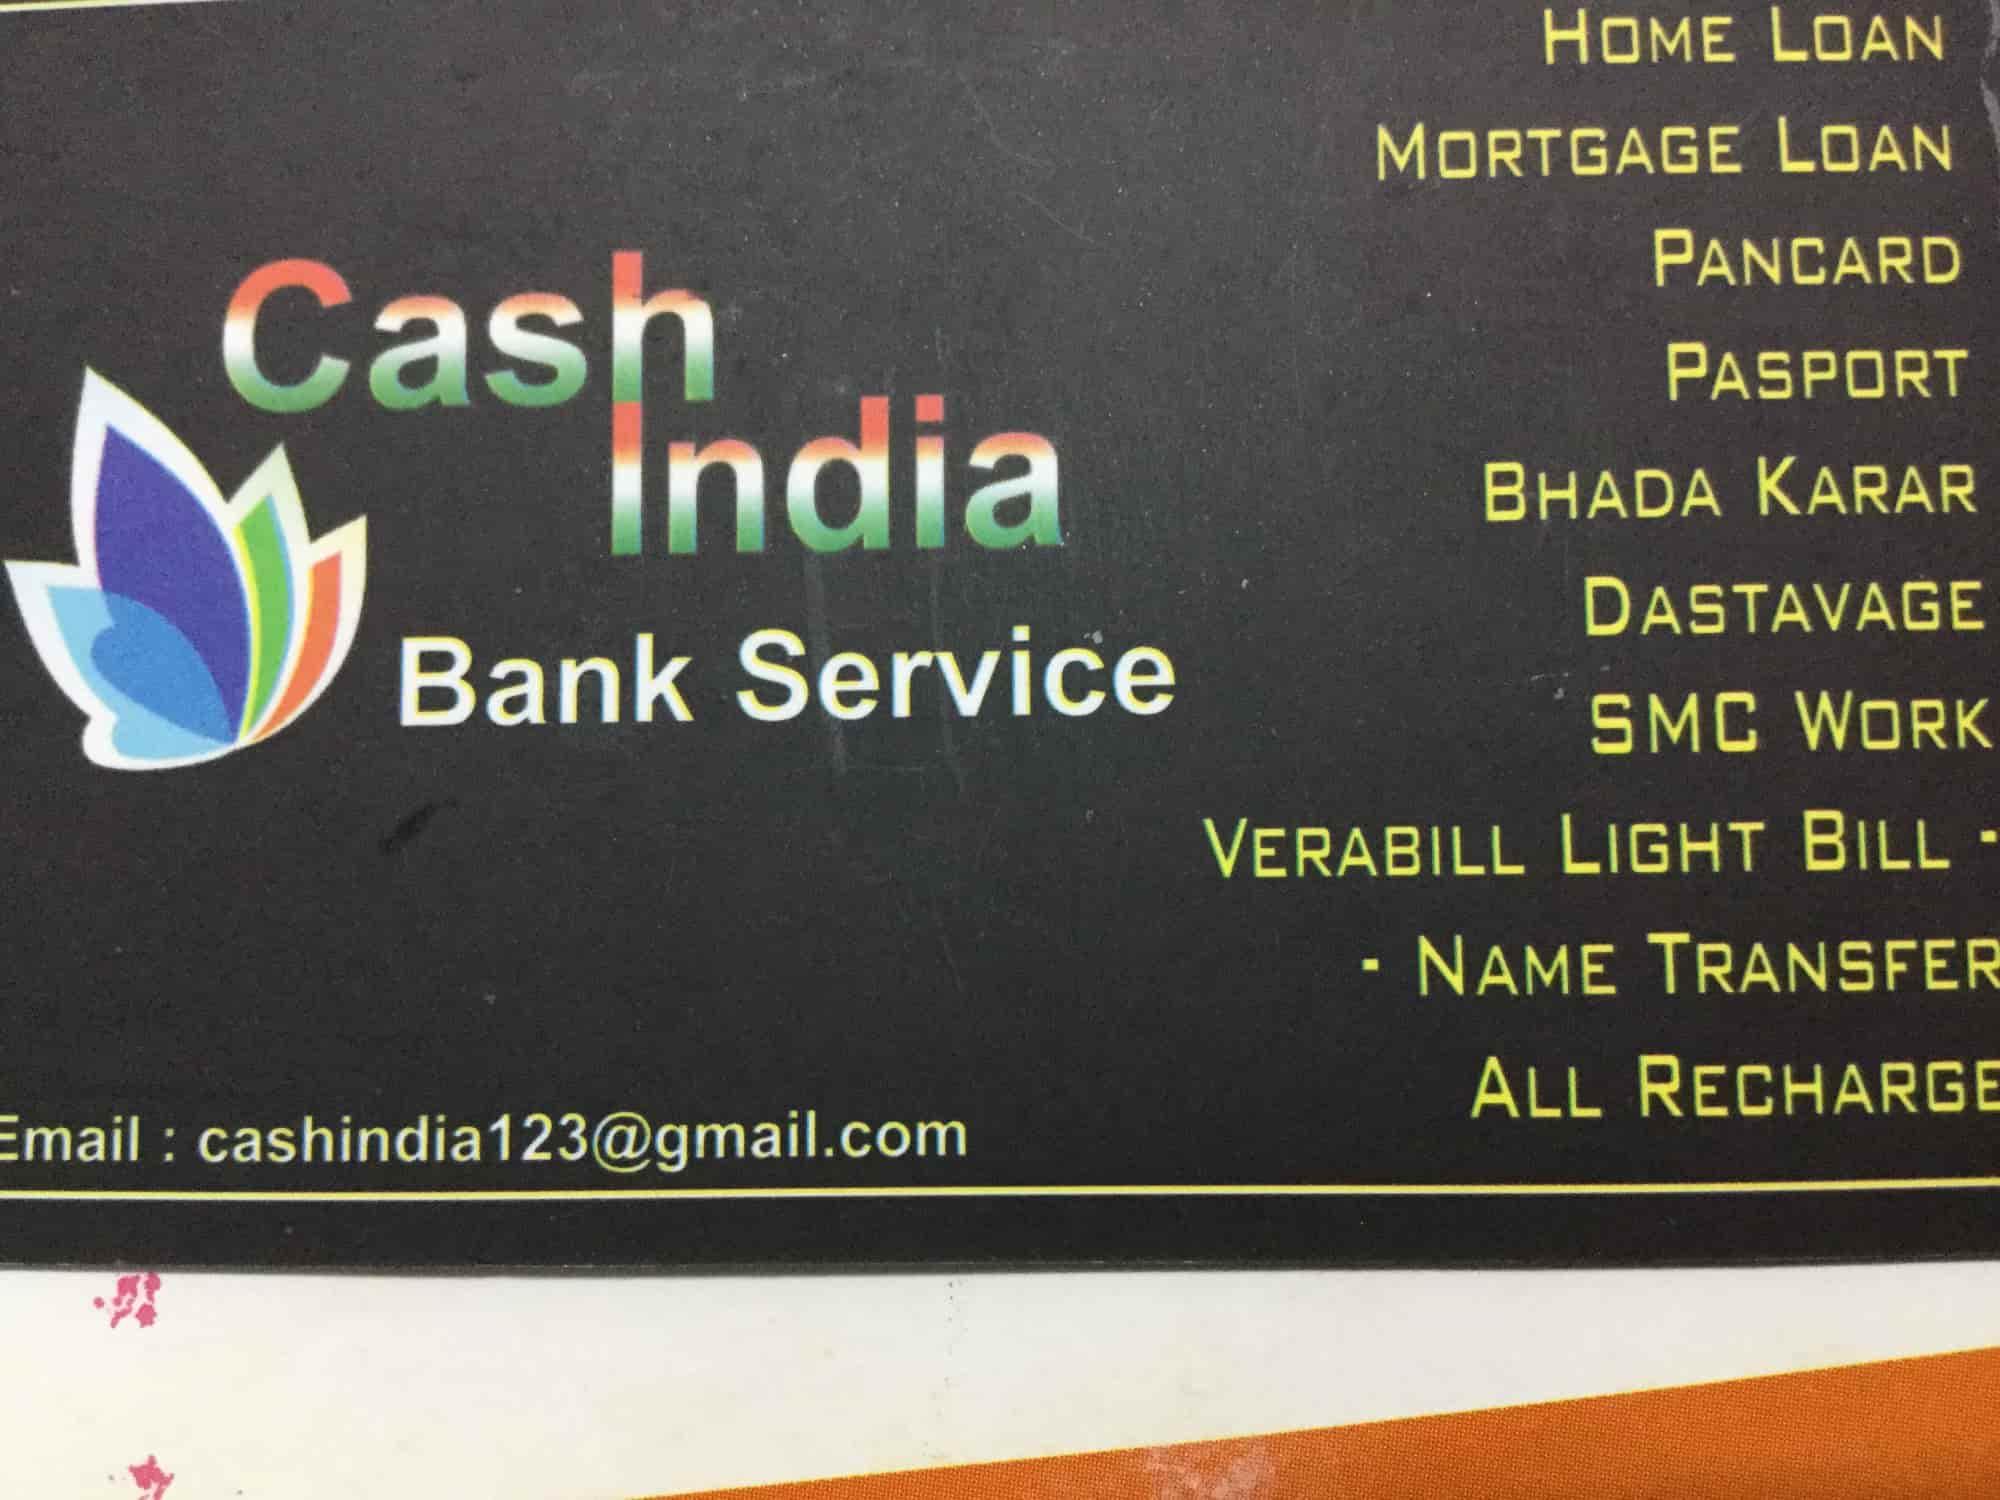 Gnucash personal loans image 5